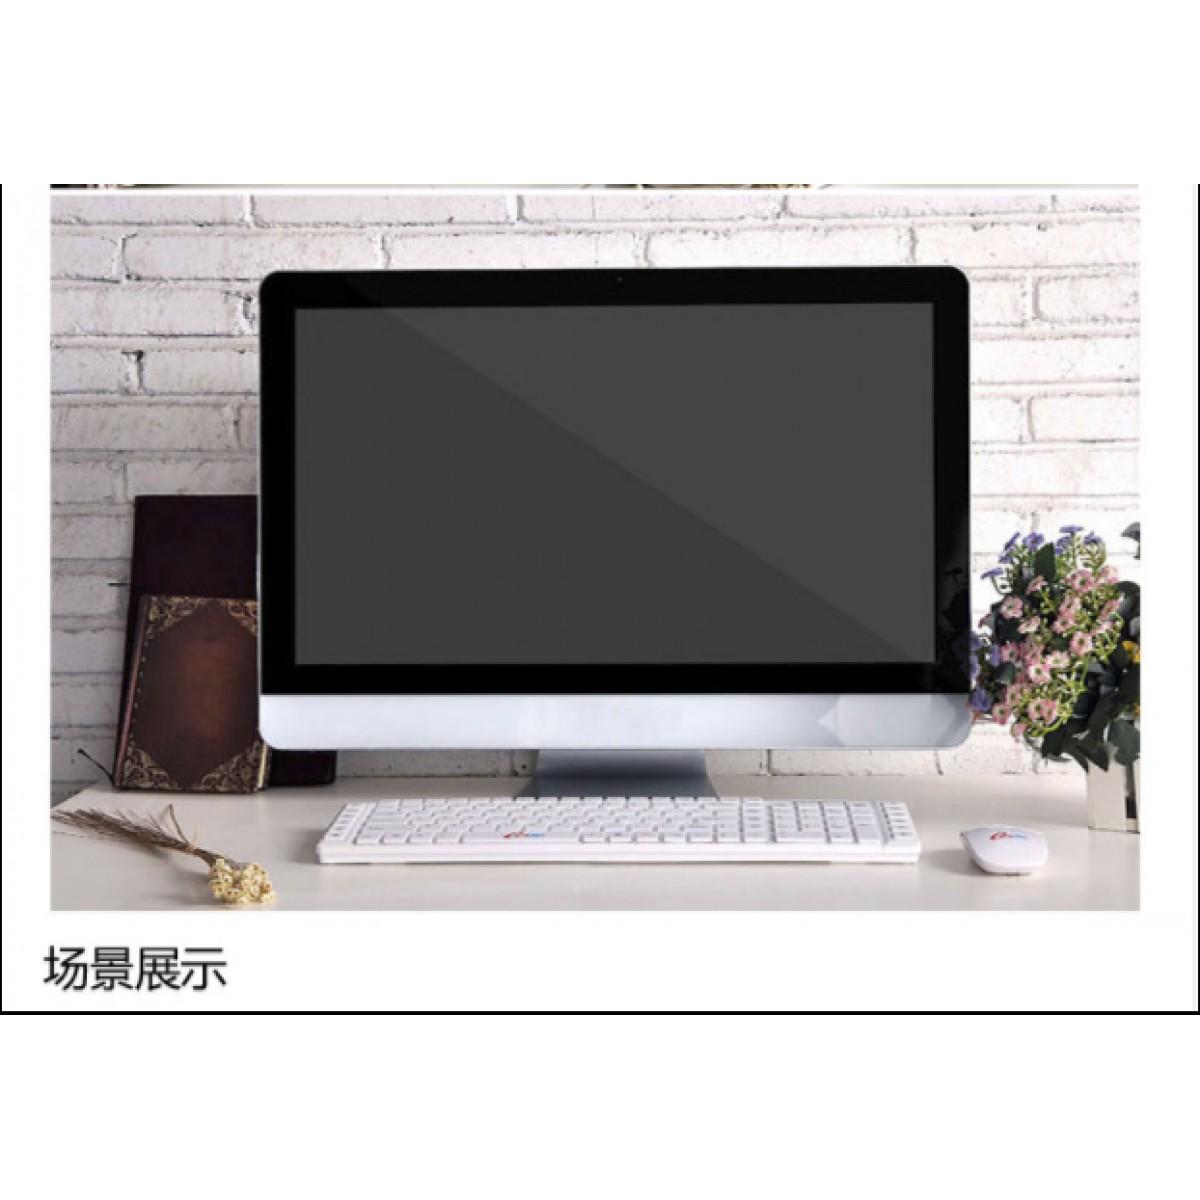 西泊尔21.5寸苹果风 J1900/8G/256G